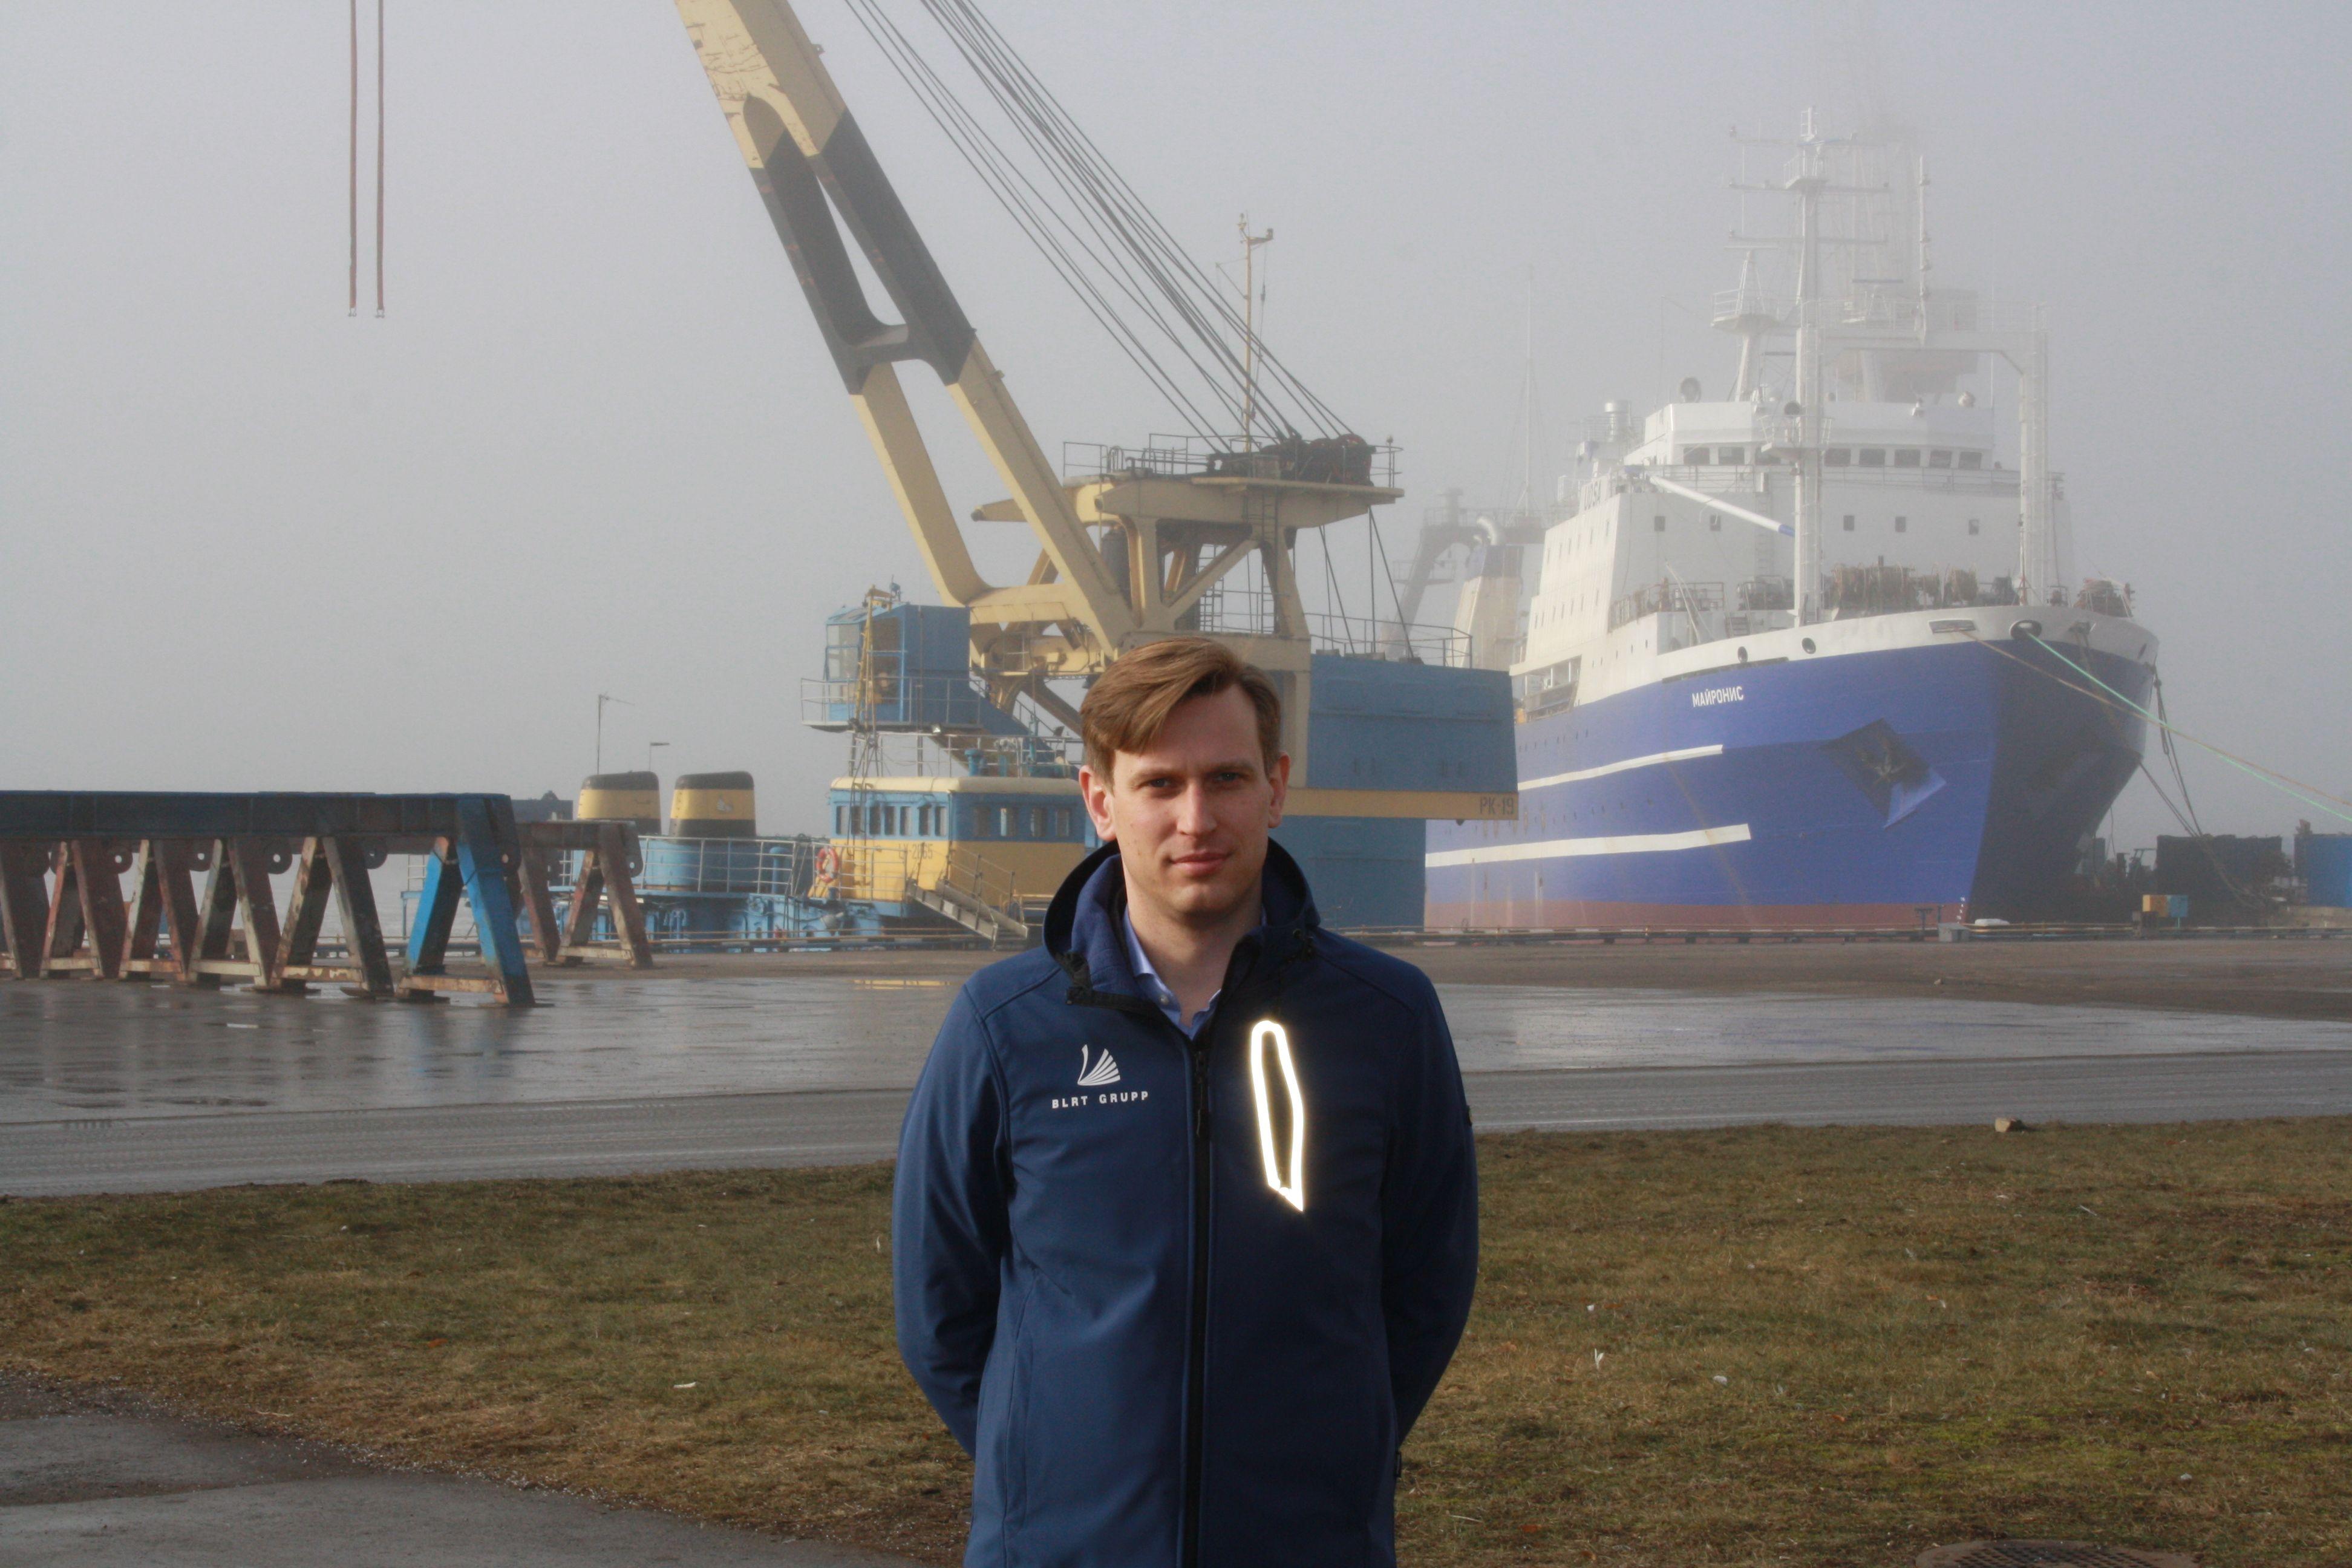 """Marius Arkušauskas, """"Western Baltic Engineering"""" direktorius, pabrėžia, kad pačių nuo pradinės idėjos iki galutinės projektavimo stadijos kuriami ir rinkai siūlomi laivų statybos projektai kompaniją kelia į kitą lygį ir generuoja gerokai didesnę pridėtinę vertę. Mildos Ancevičės (VŽ) nuotr."""